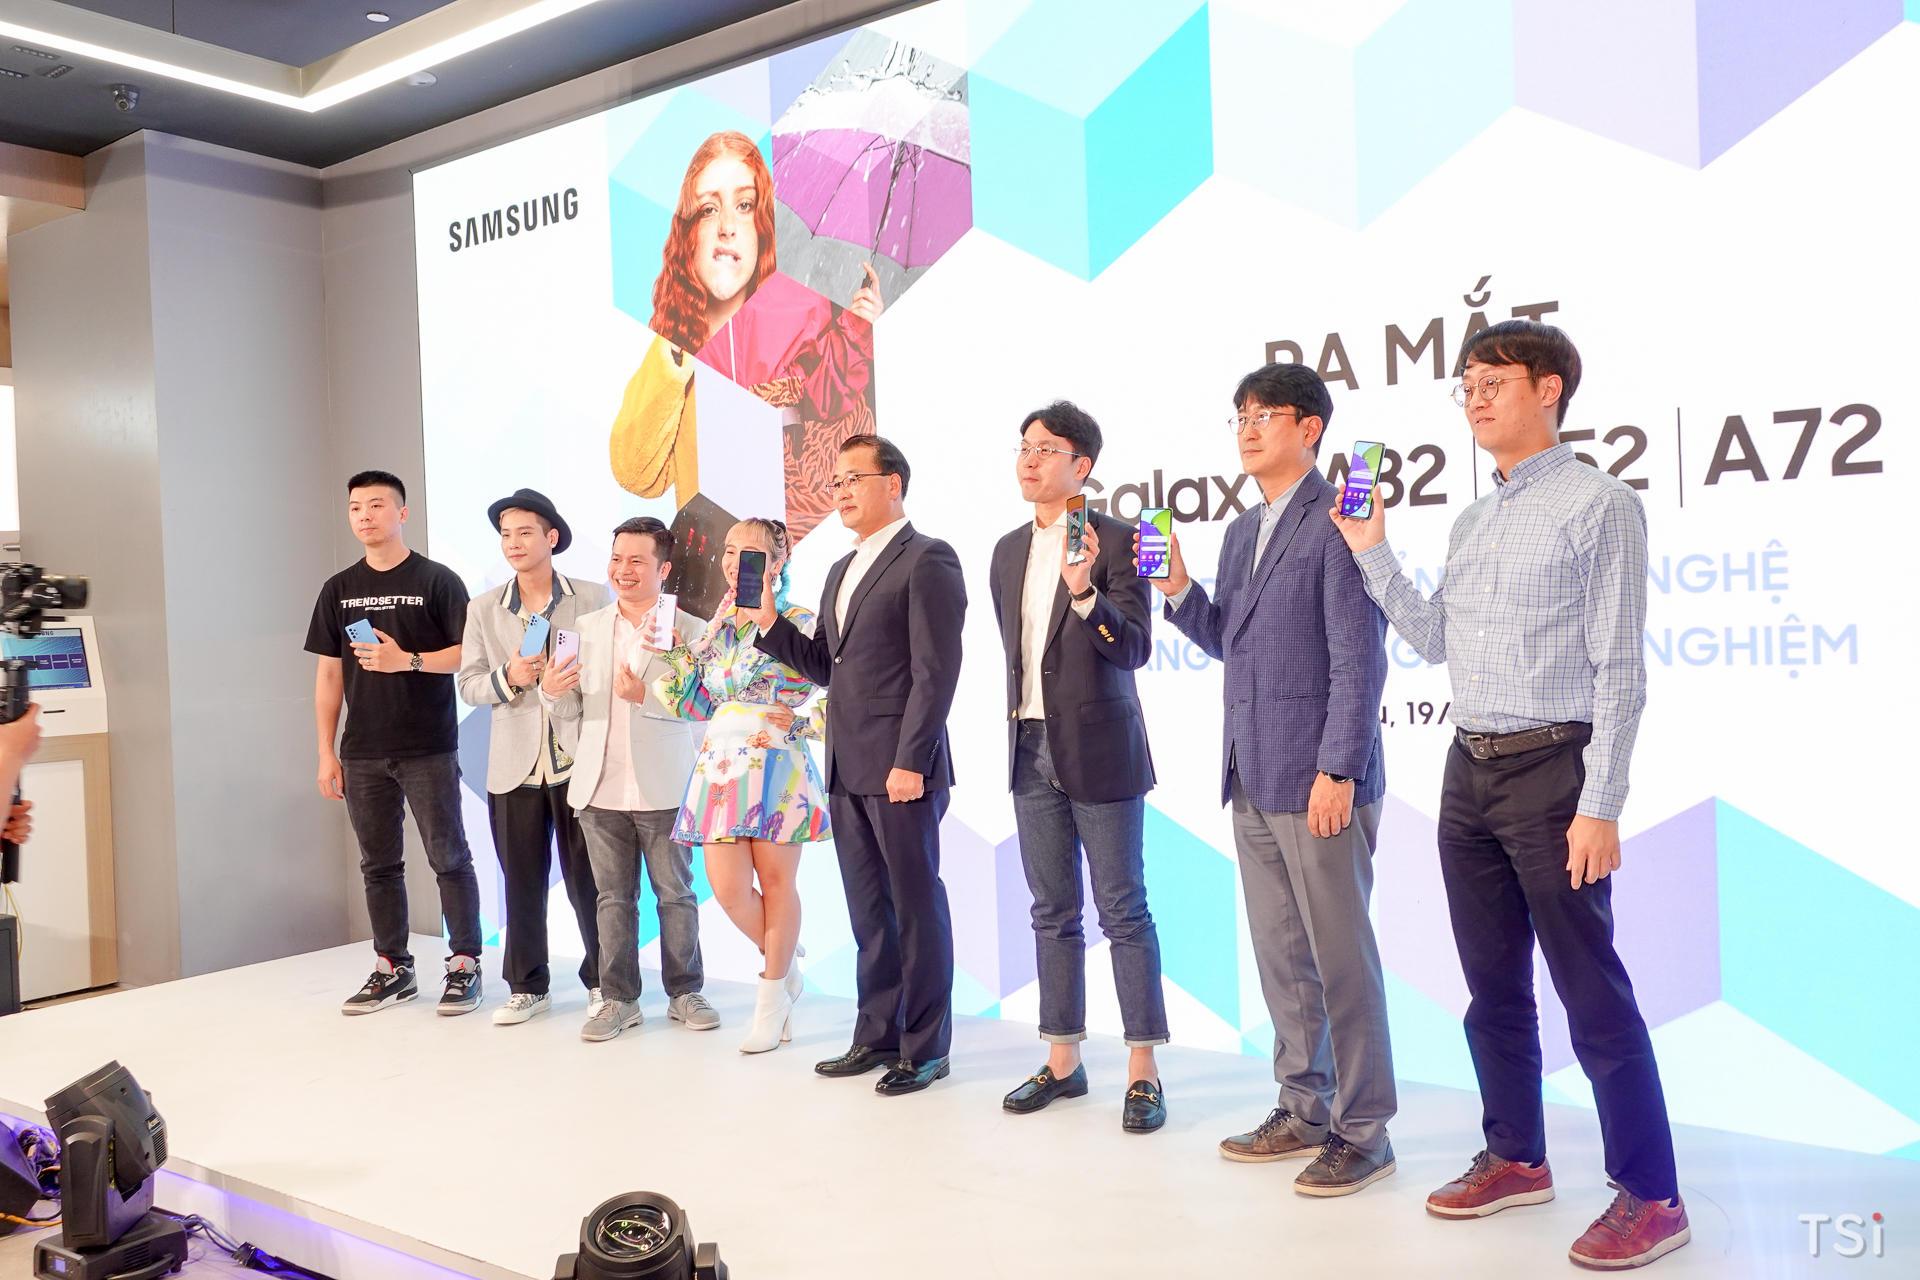 Samsung chính thức ra mắt Galaxy A52 | A72 tại Việt Nam